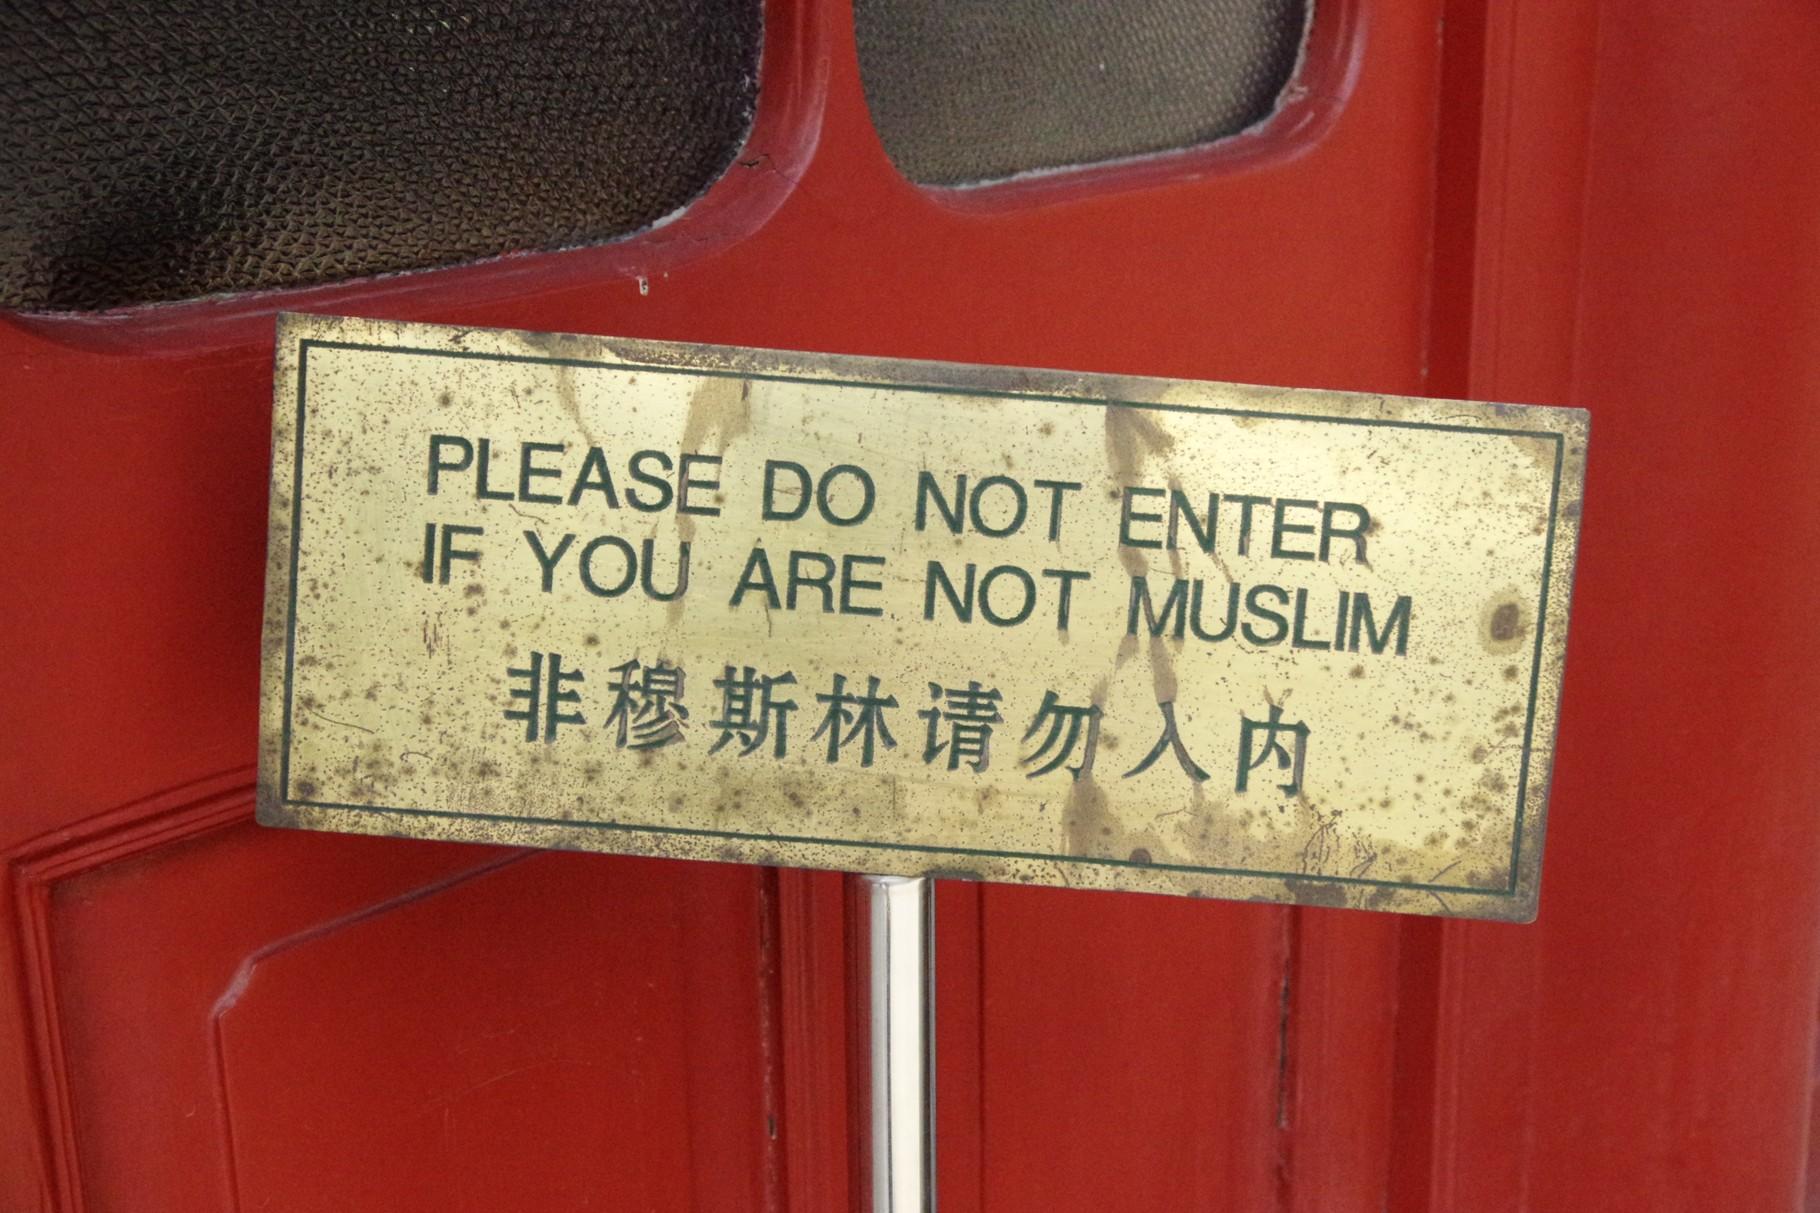 ムスリム以外立入禁止